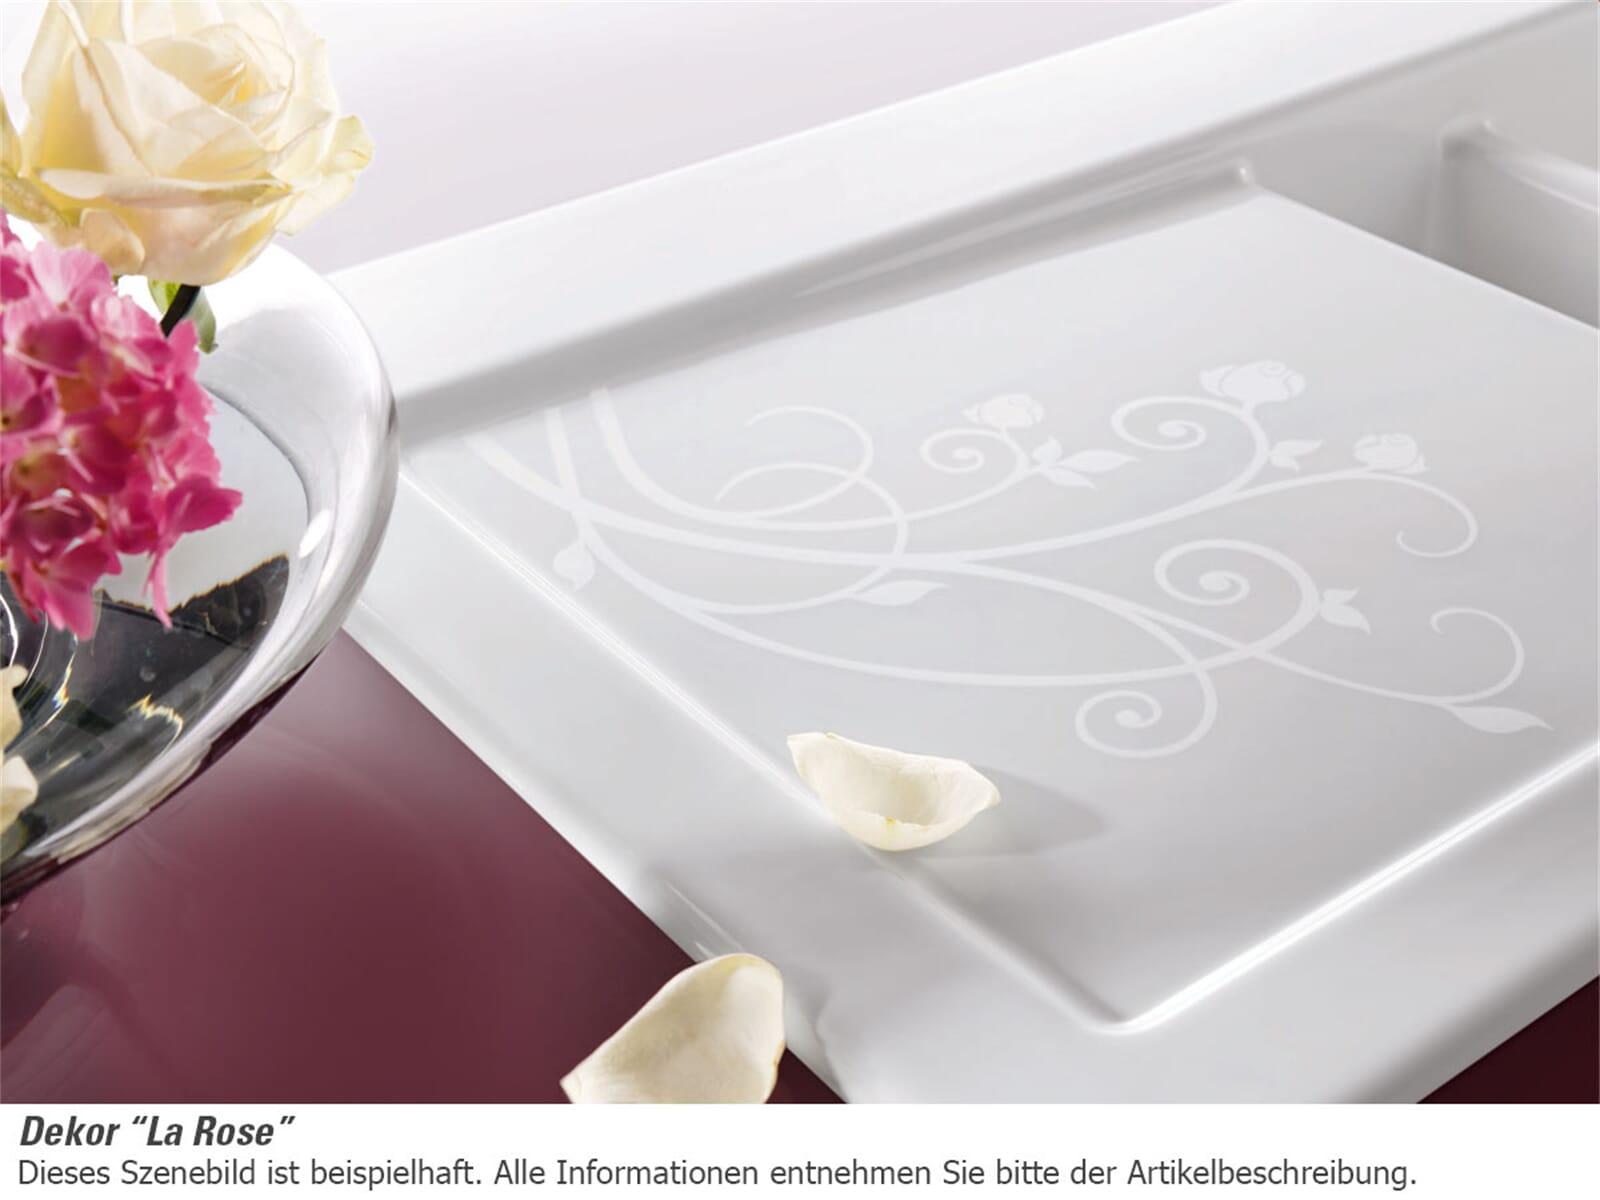 villeroy boch subway 45 la rose 6714 01 kw. Black Bedroom Furniture Sets. Home Design Ideas